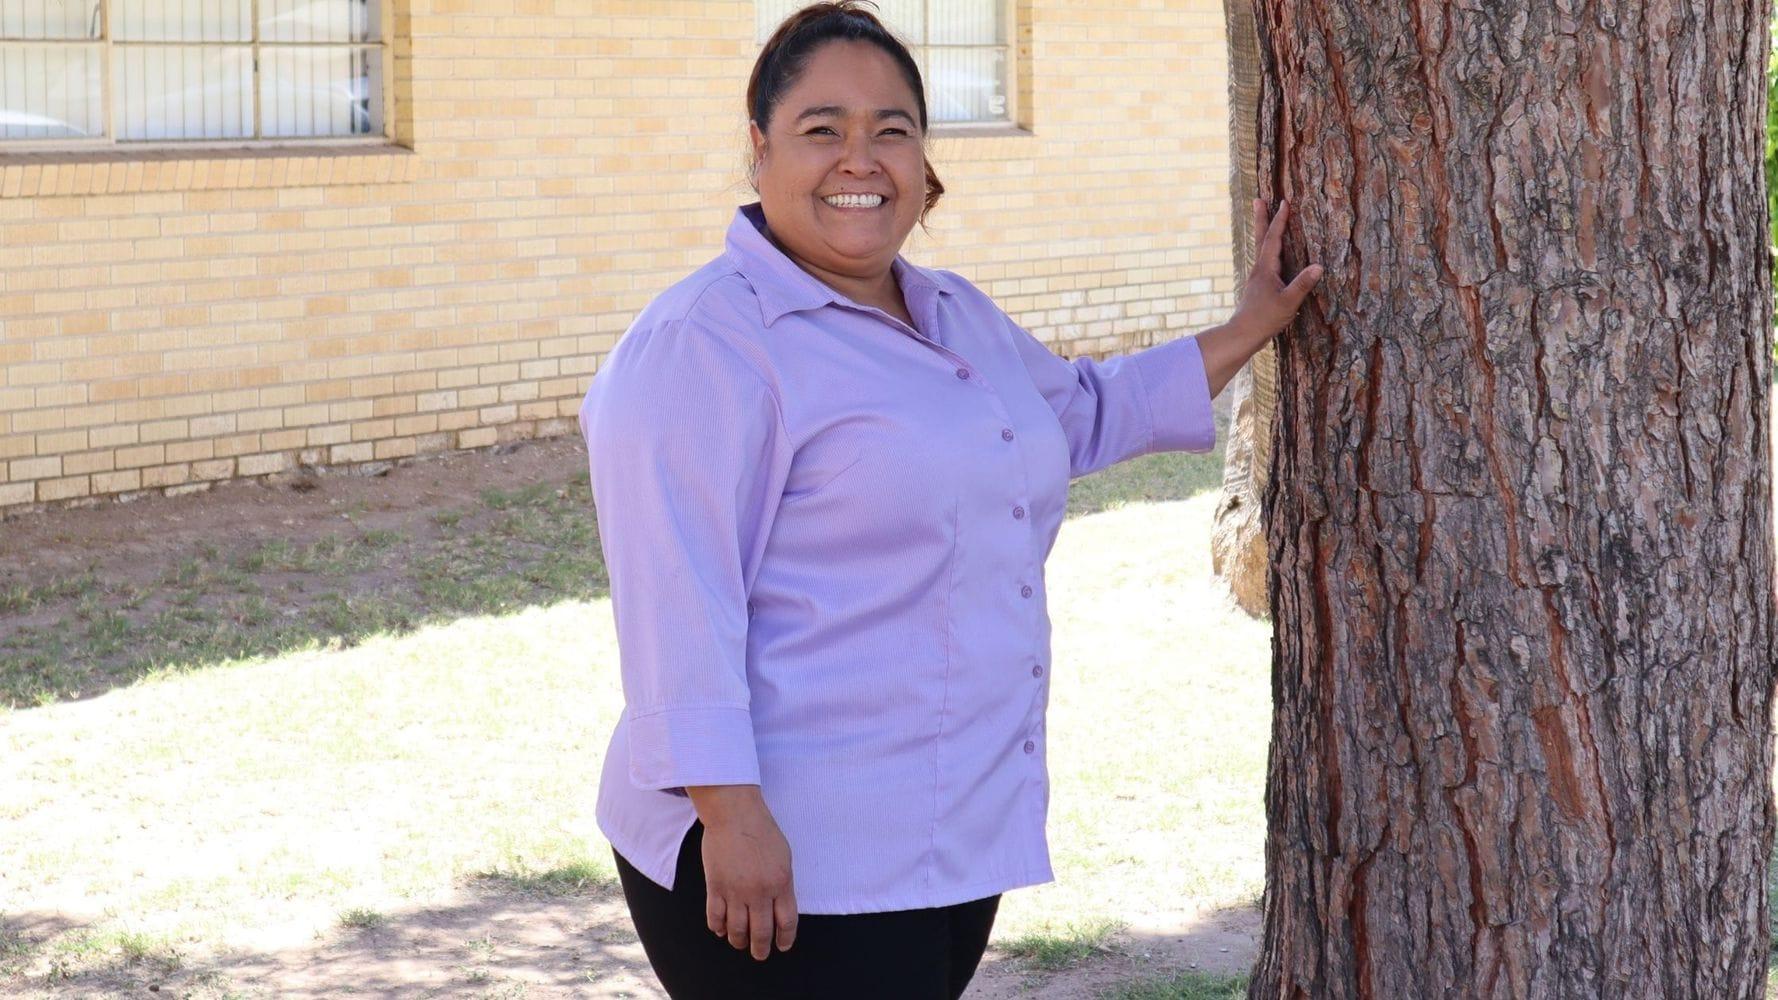 Irene Amador, Associate Pastor